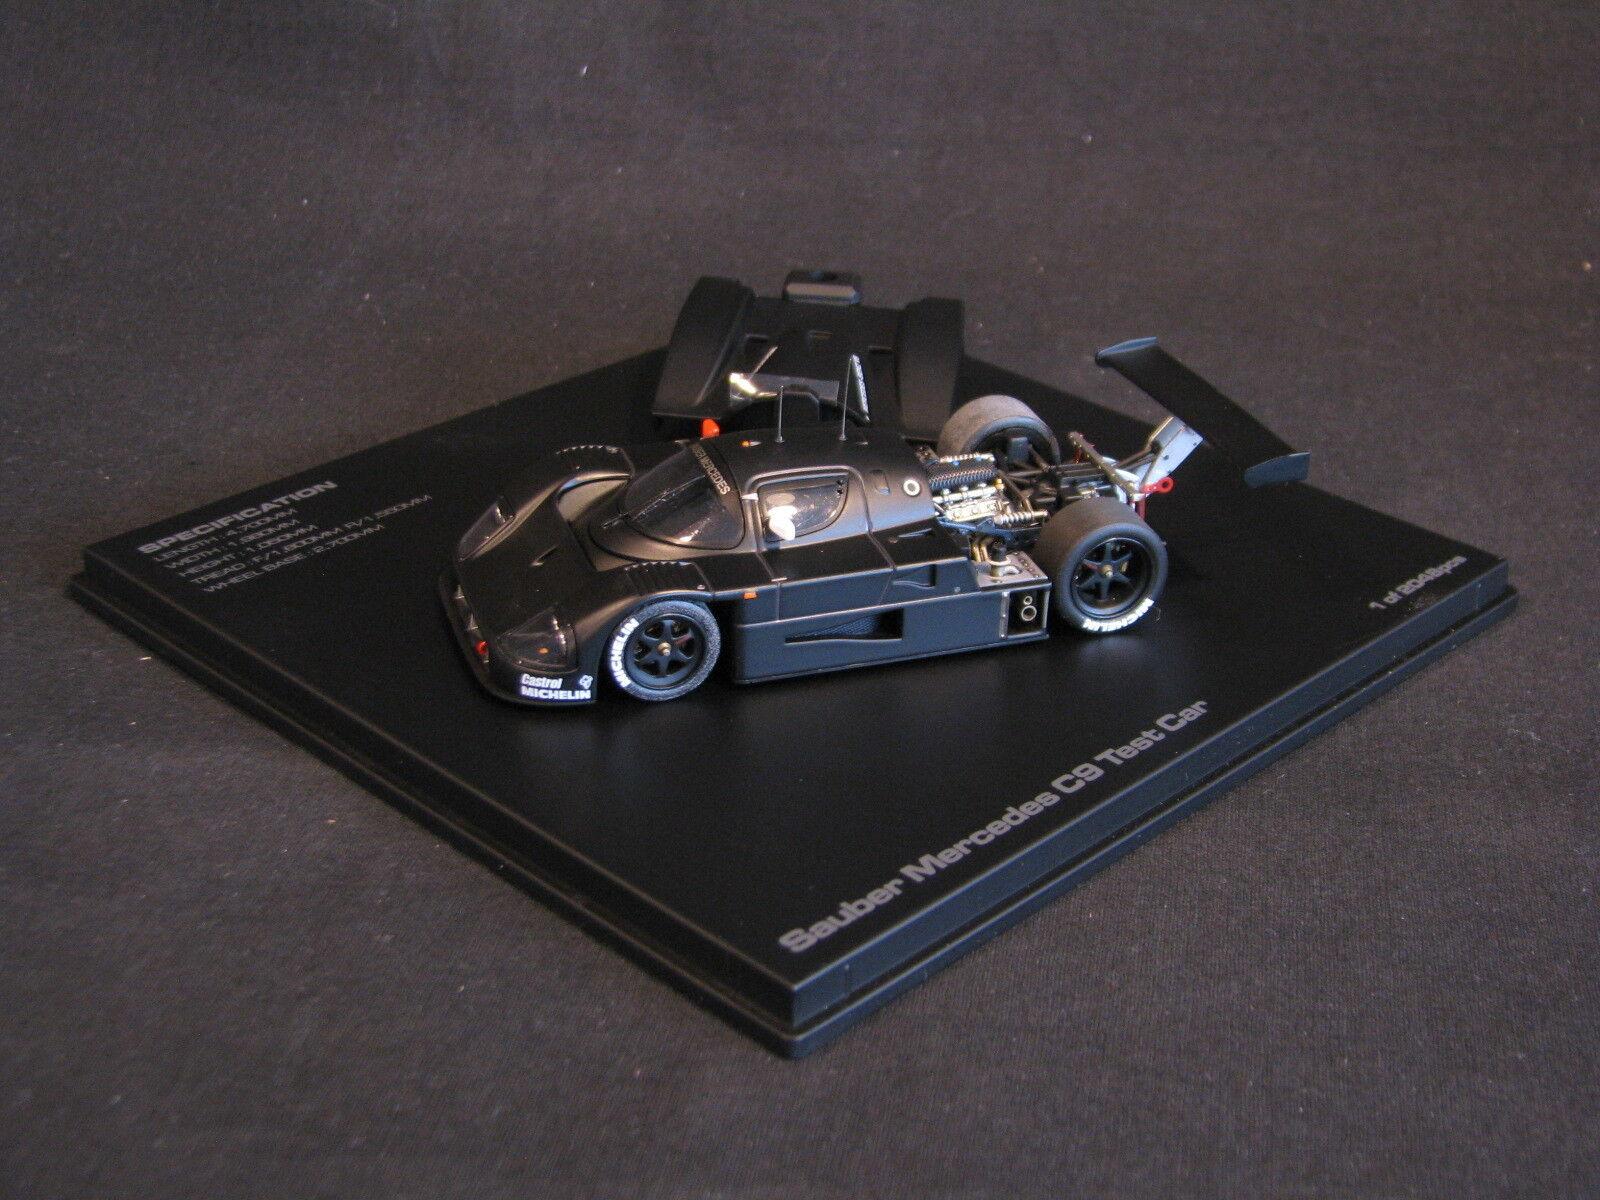 HPI Sauber Mercedes C9 1989 1 43 Test Car (JS)